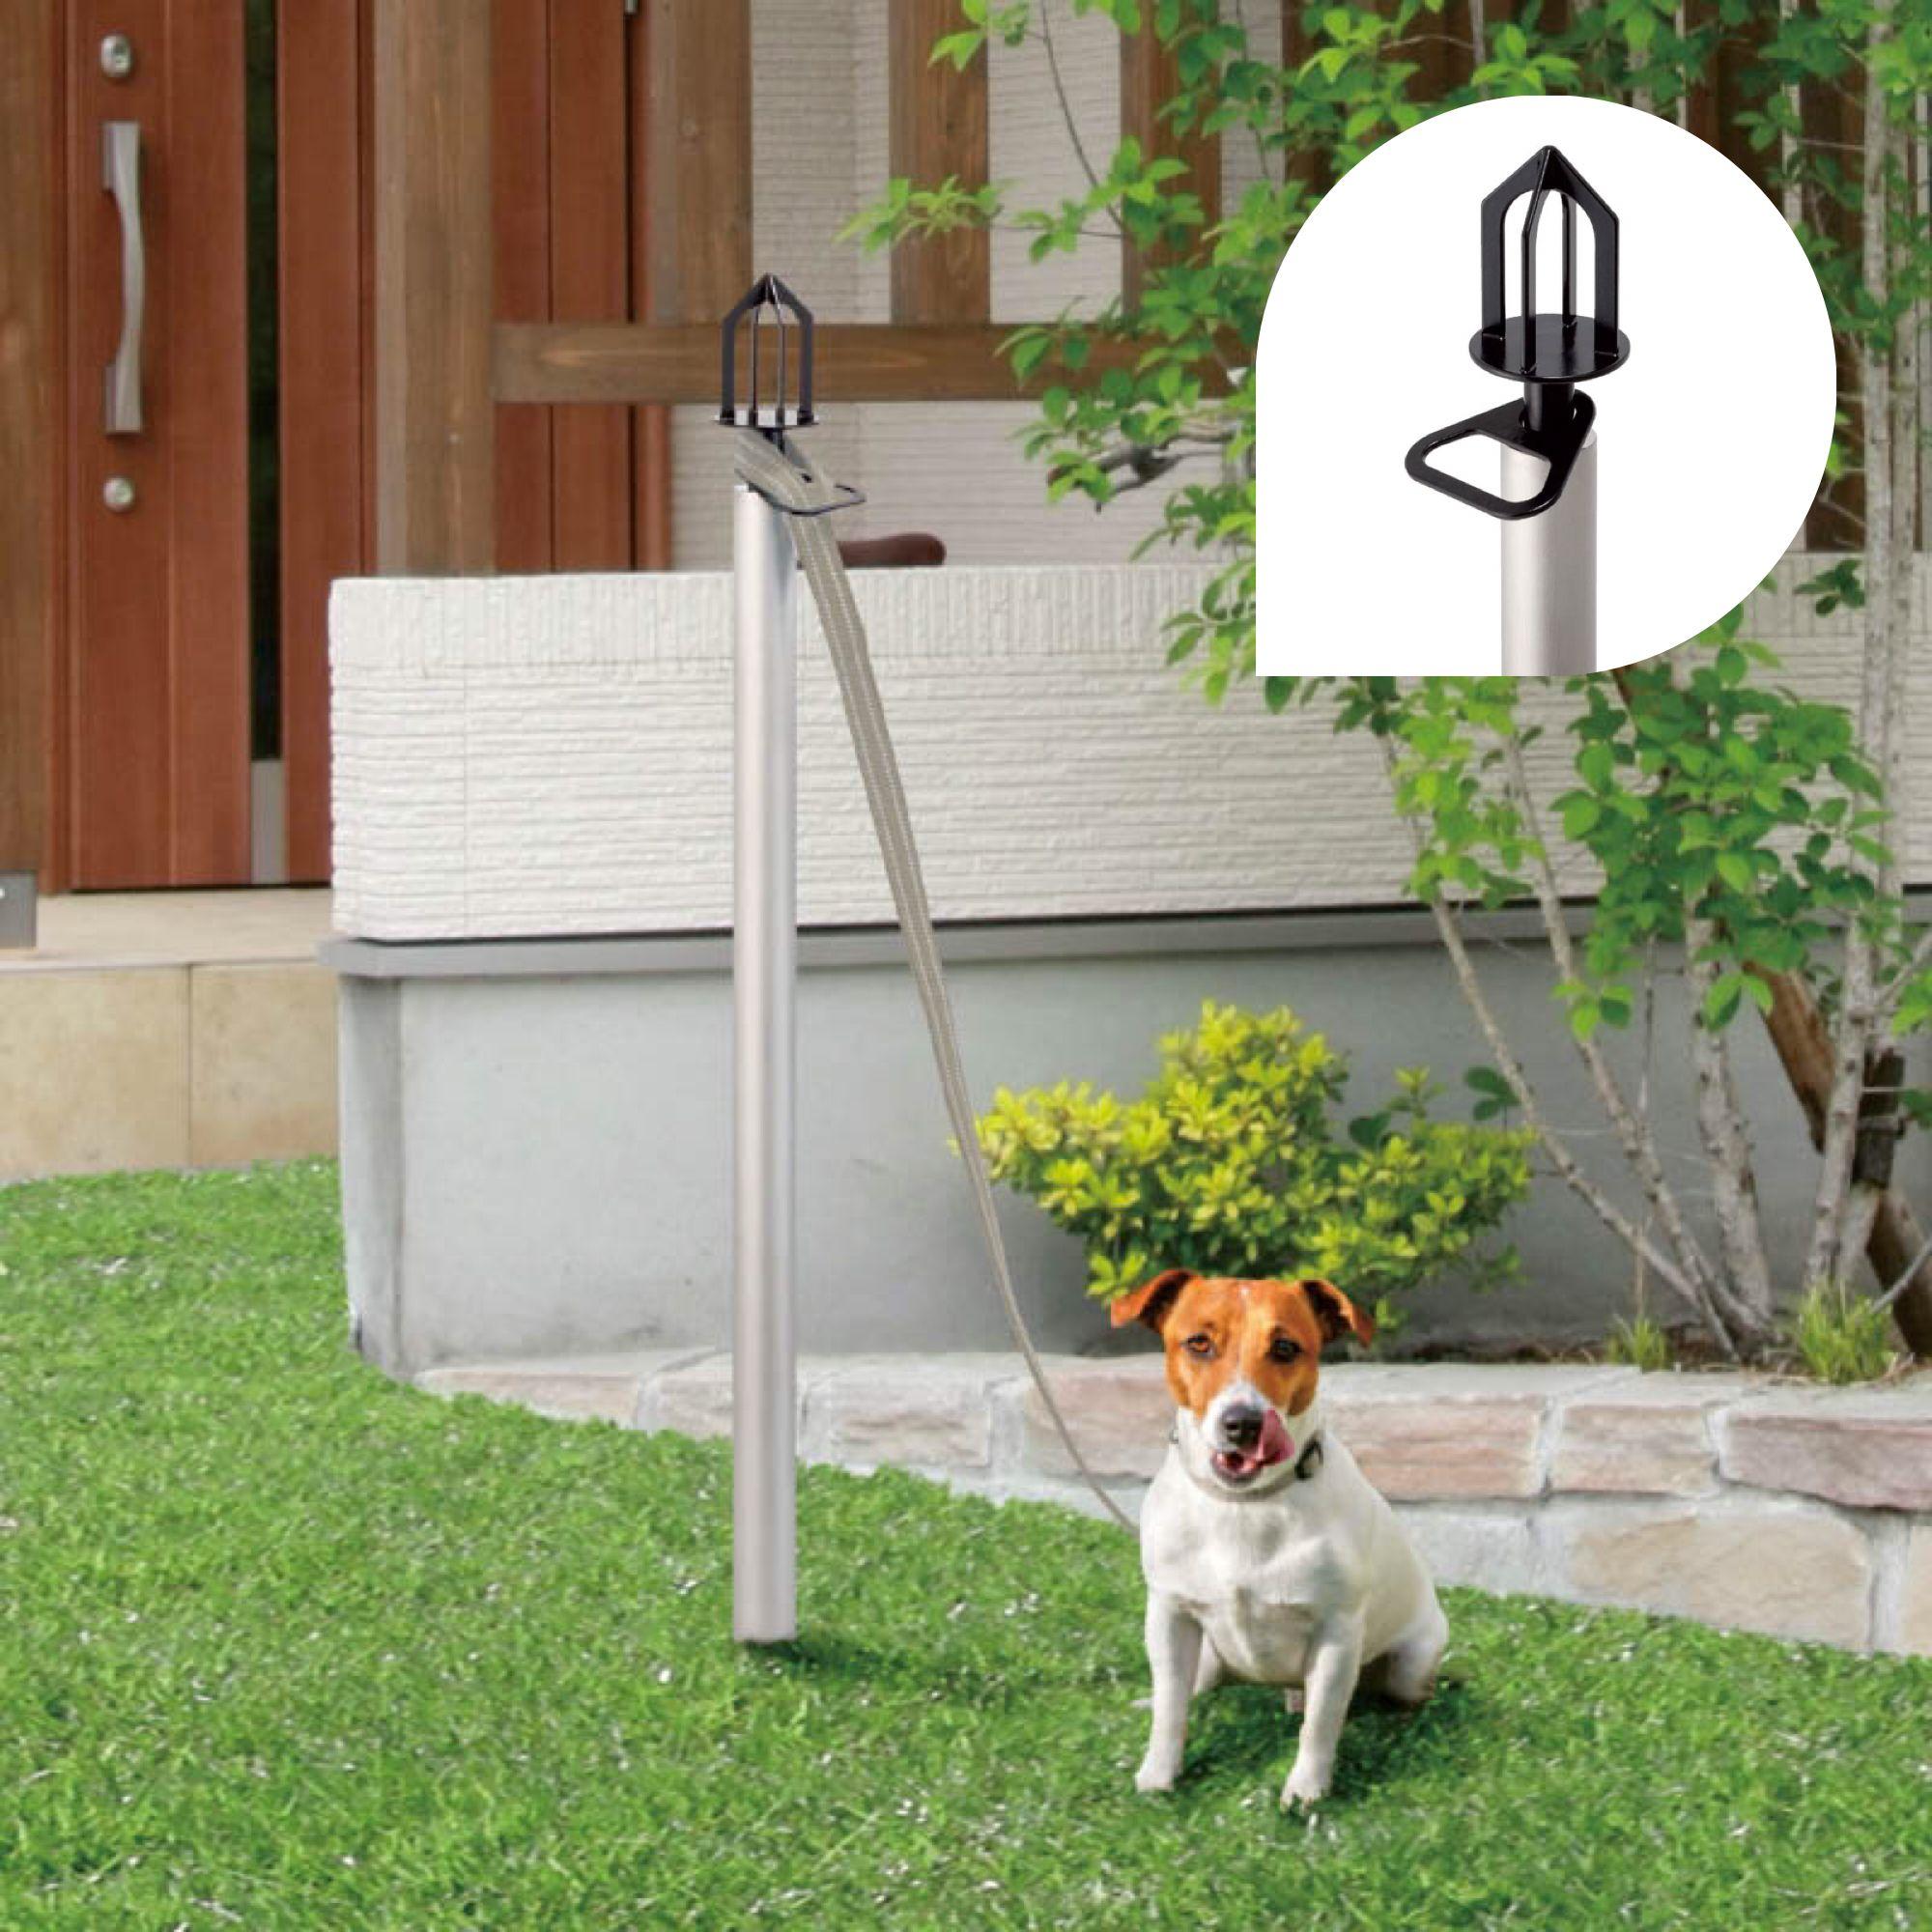 ドックスタンド 犬と暮らす家 小さなガーデニング ドッグラン